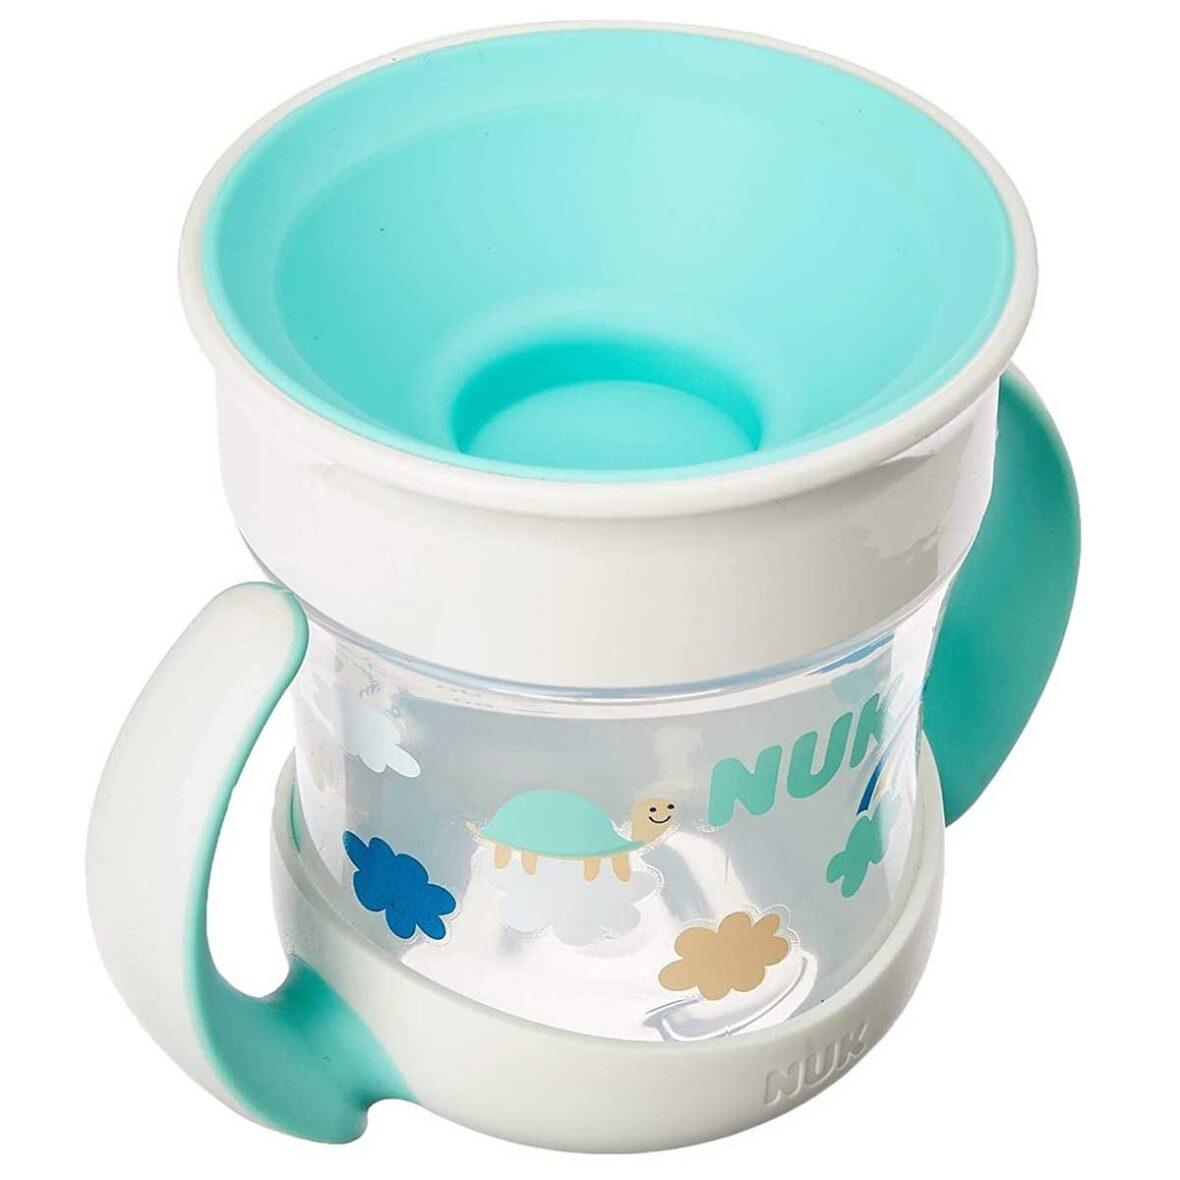 copo-nuk-evolution-mini-magic-cup-neutro-160ml-ref-pa7639-1n-a00